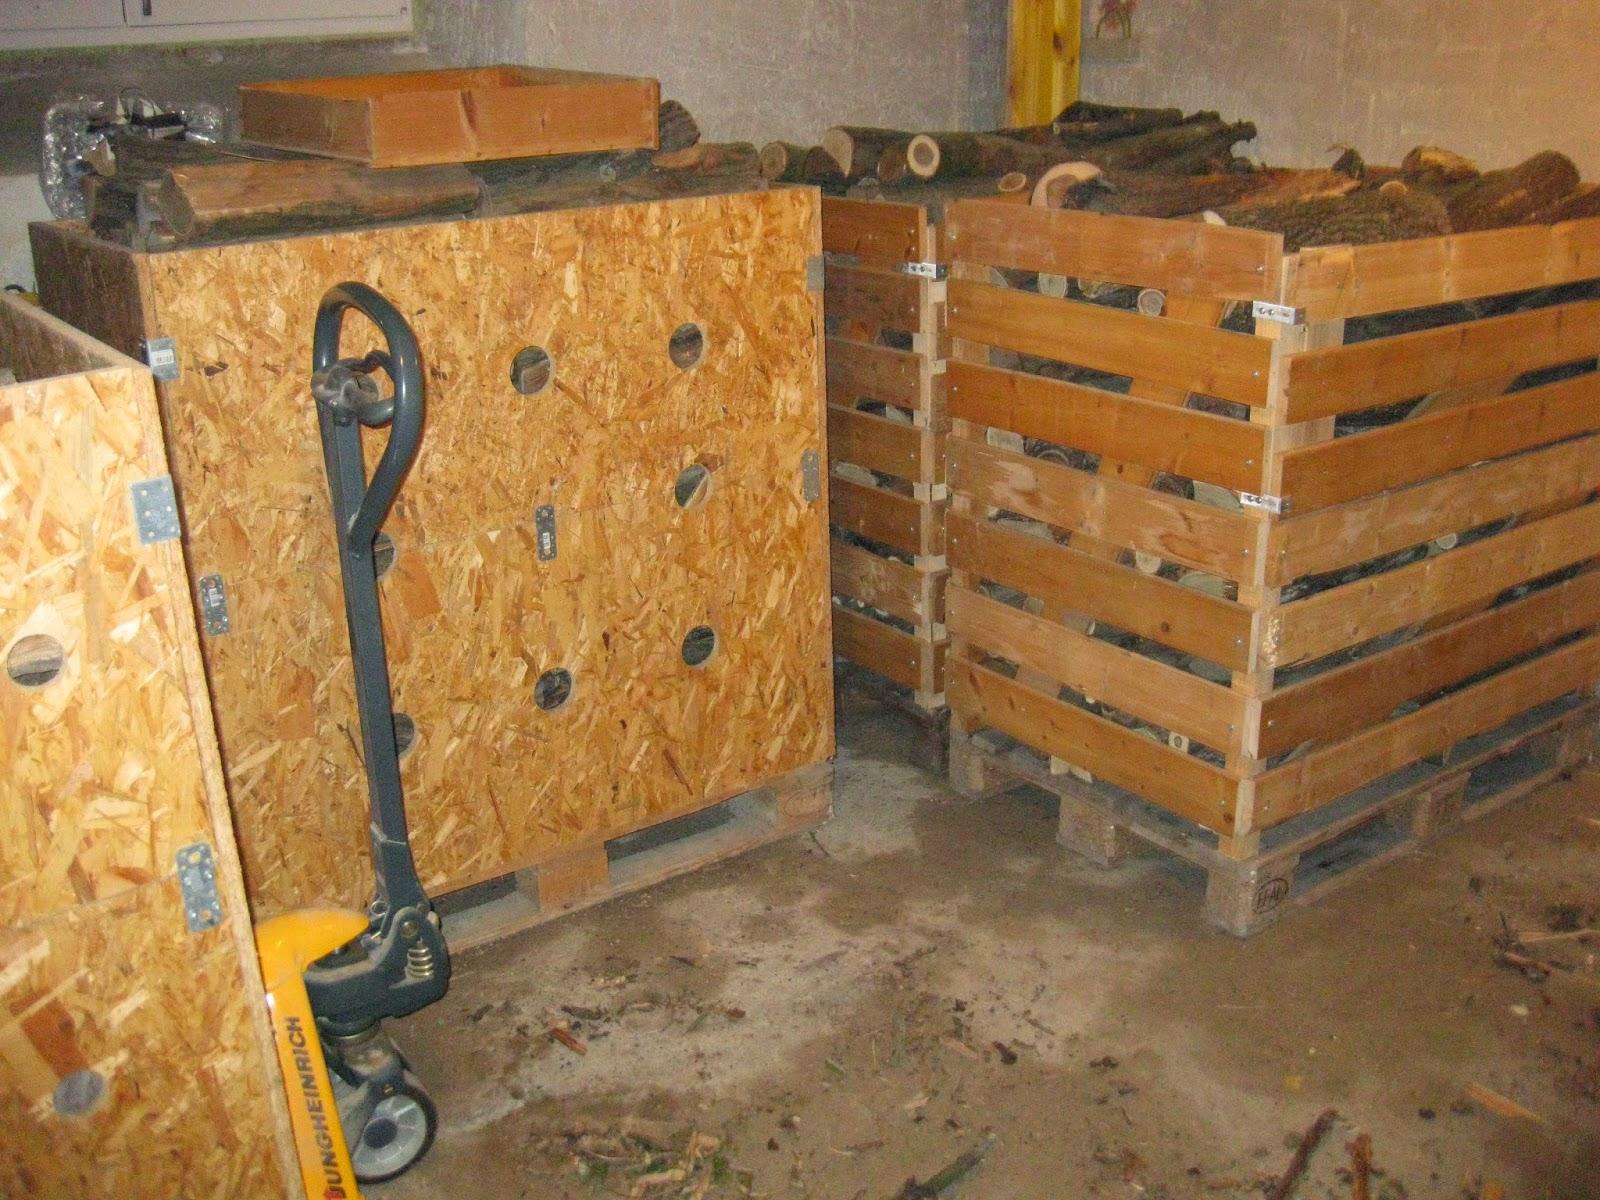 holz und metall ein heimwerkerblog brennholz. Black Bedroom Furniture Sets. Home Design Ideas